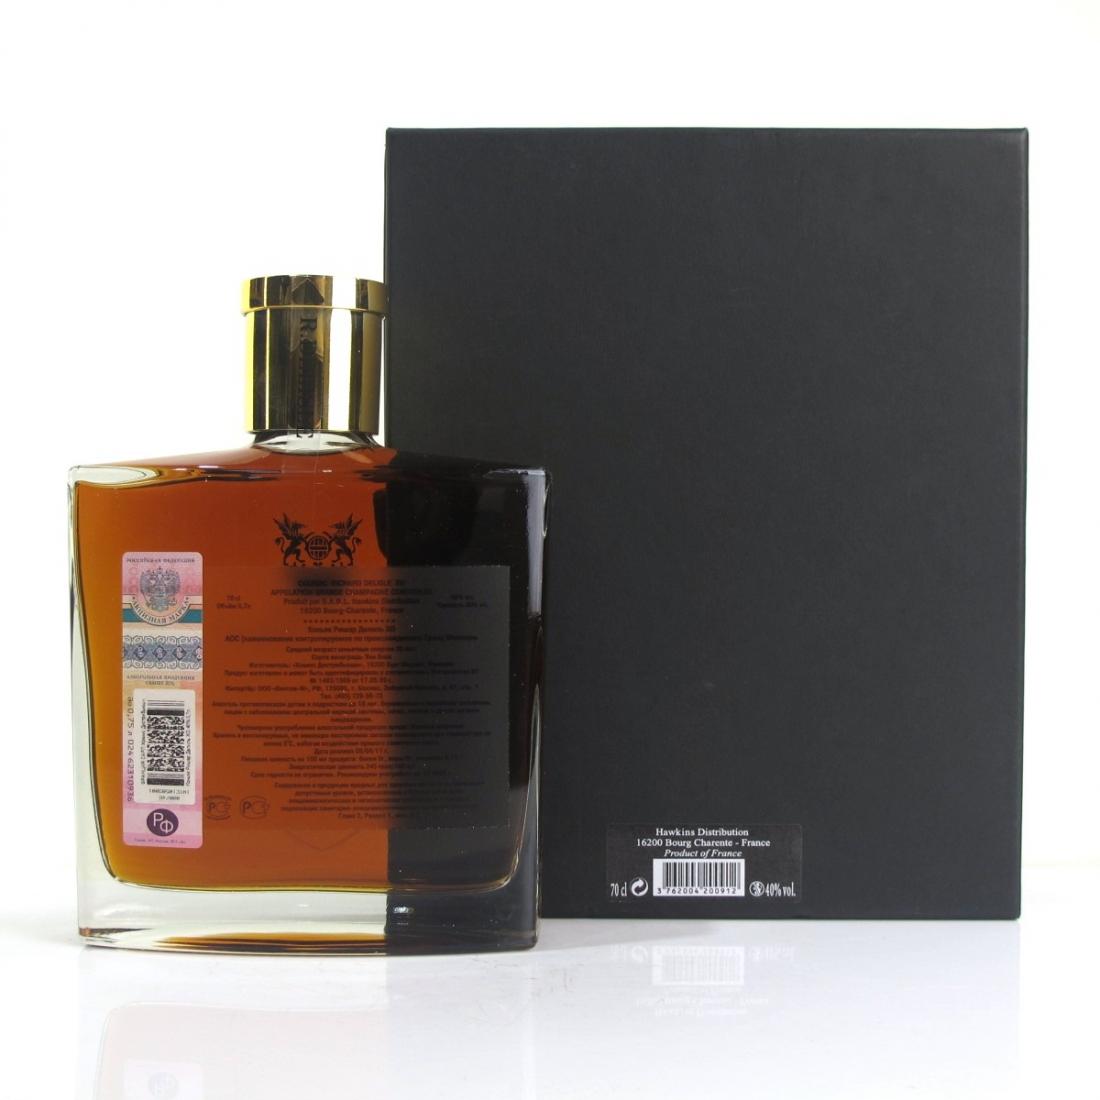 R. Delisle Grande Champagne XO Cognac